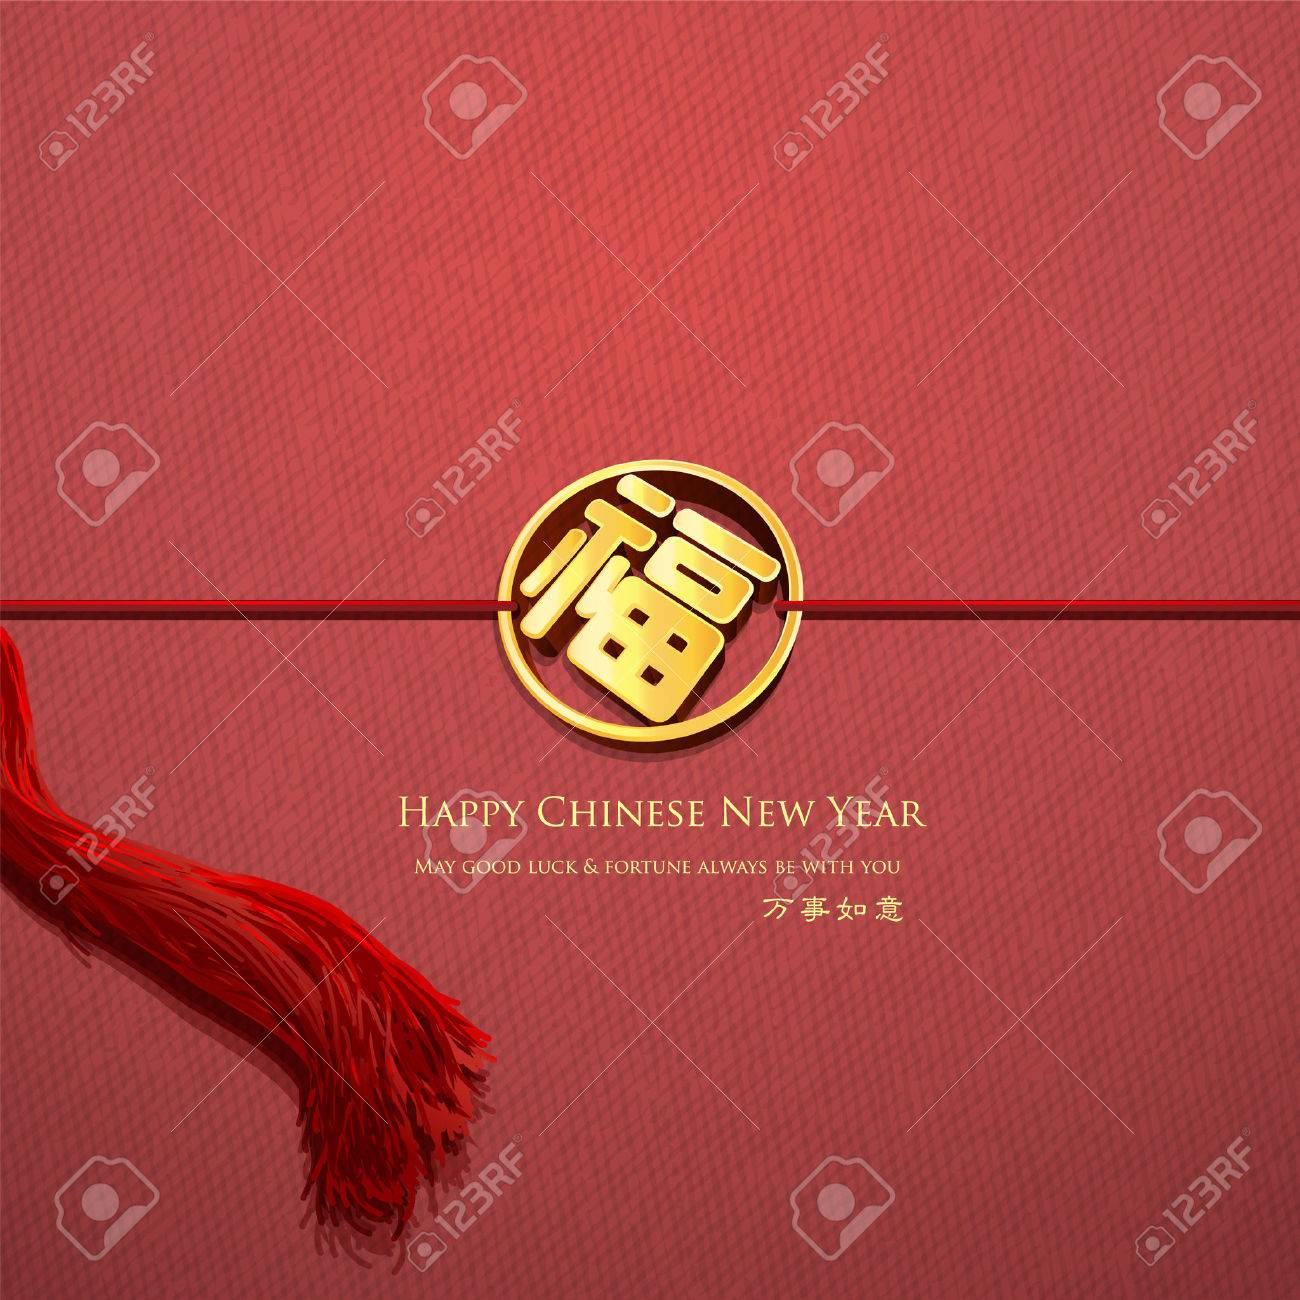 Classy Chinese New Year Hintergrund Mit Grüße. Lizenzfrei Nutzbare ...